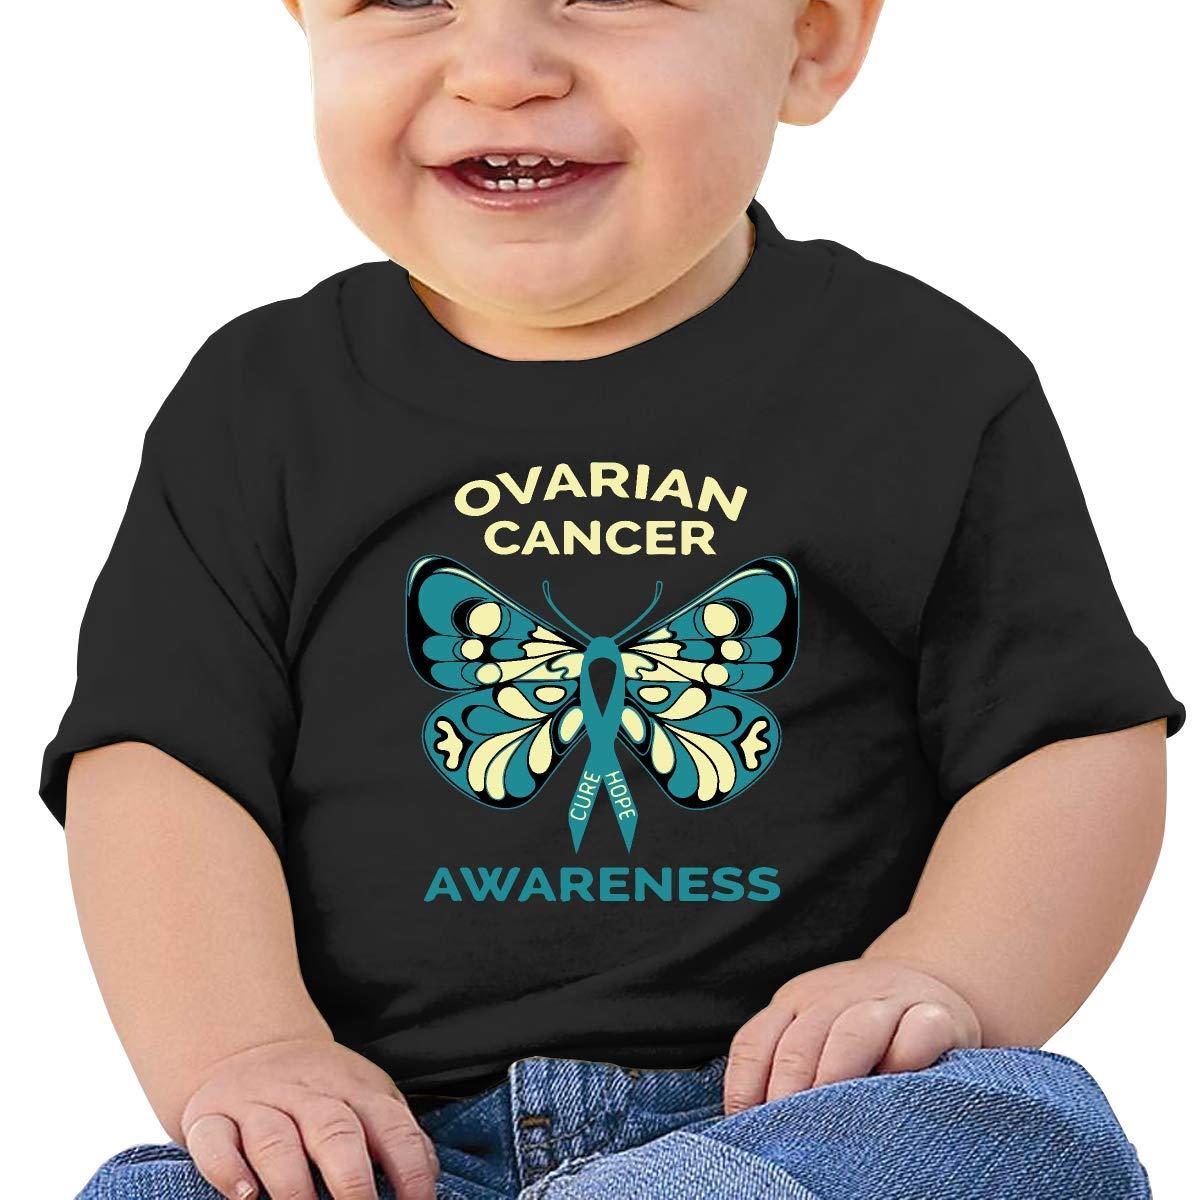 Ovarian Cancer Awareness Butterfly Baby Boy Girl Newborn Short Sleeve T Shirts 6-24 Month 5 Tops